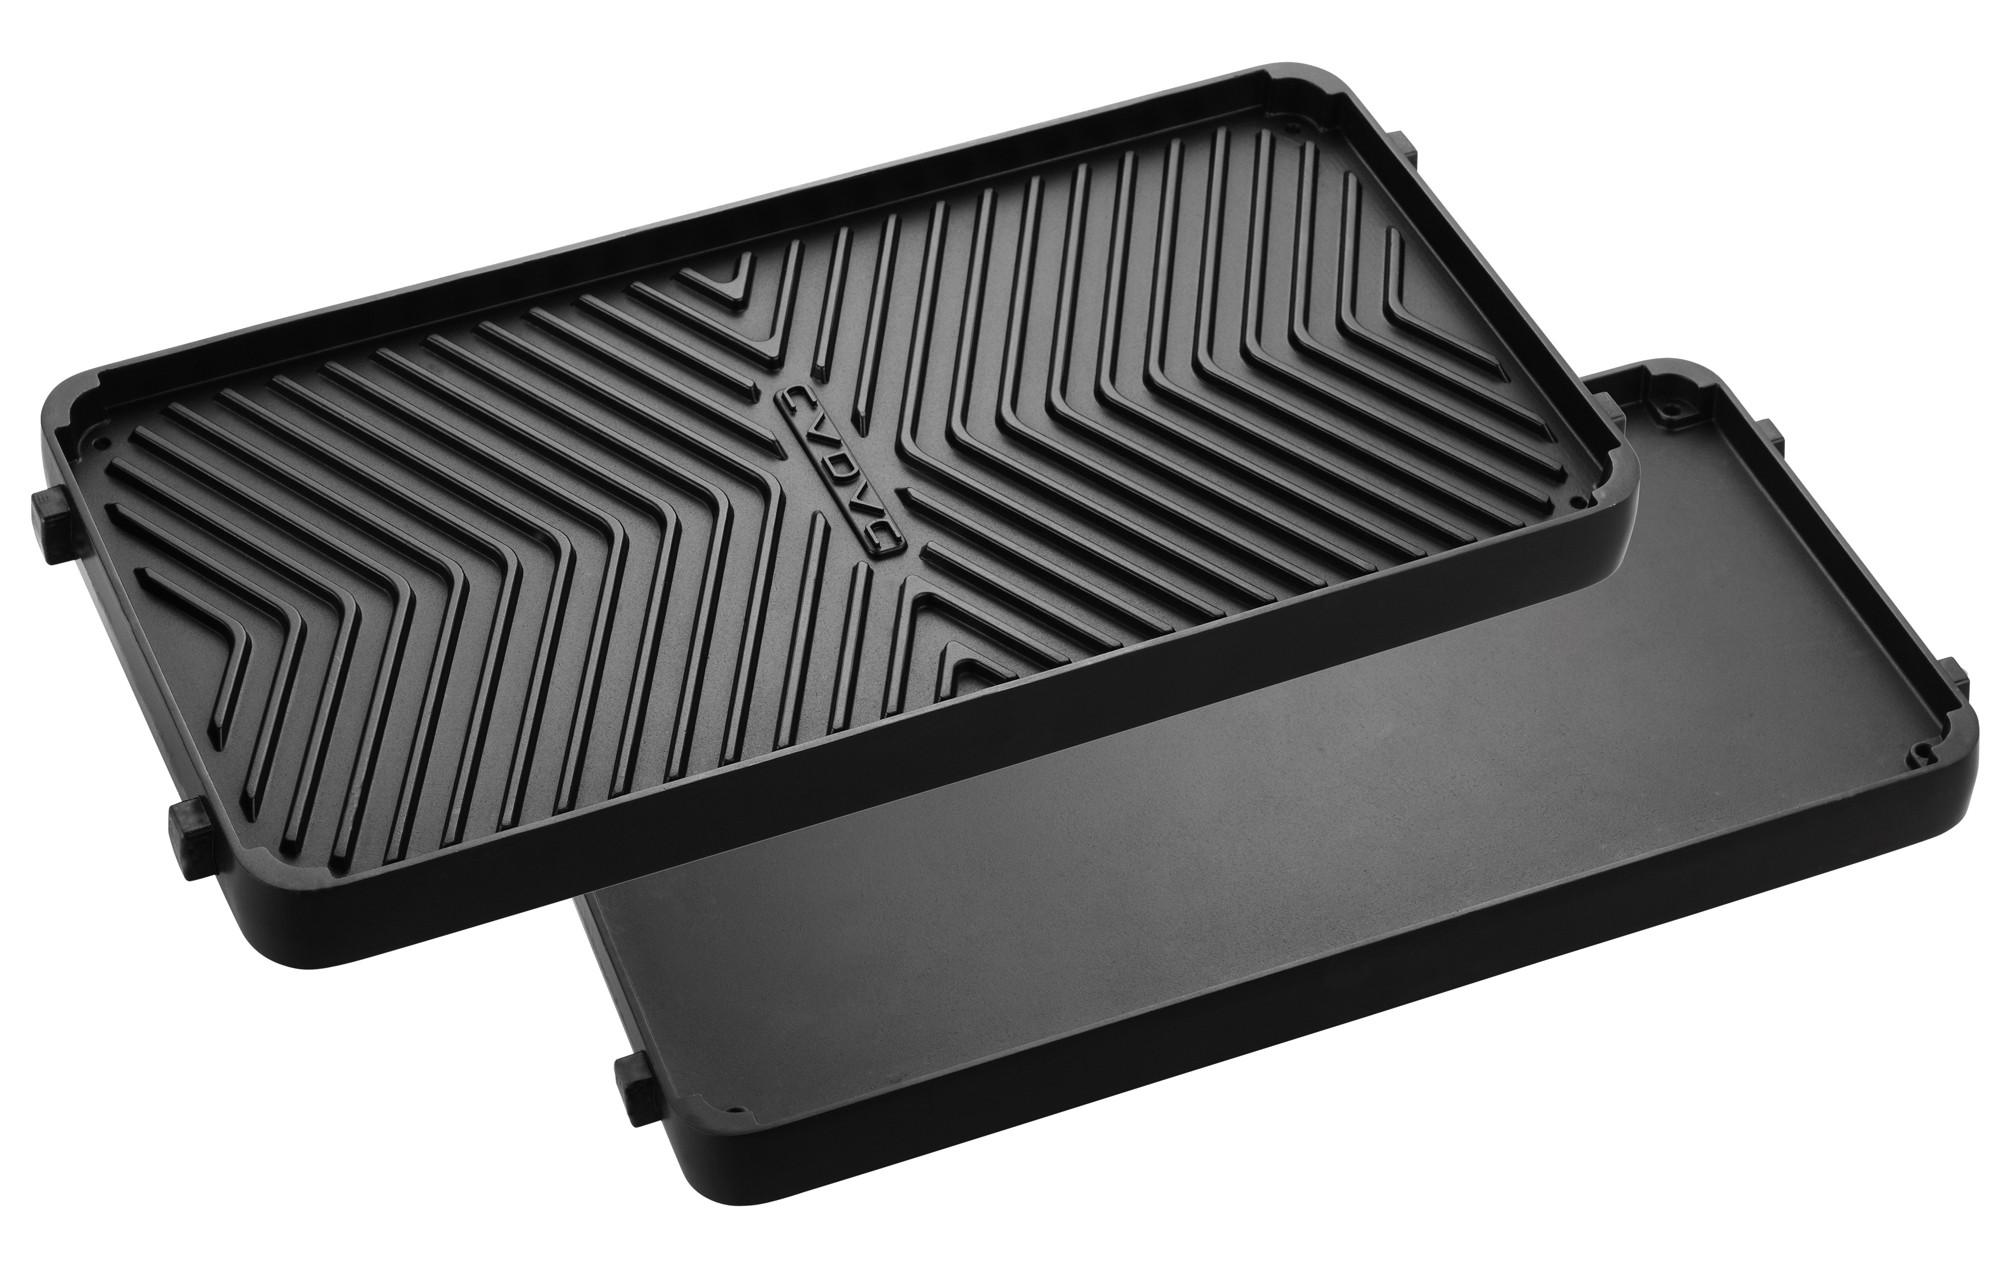 Grillplatte Für Gasgrill : Cadac grillplatte wendegrillplatte für gasgrill stratos x